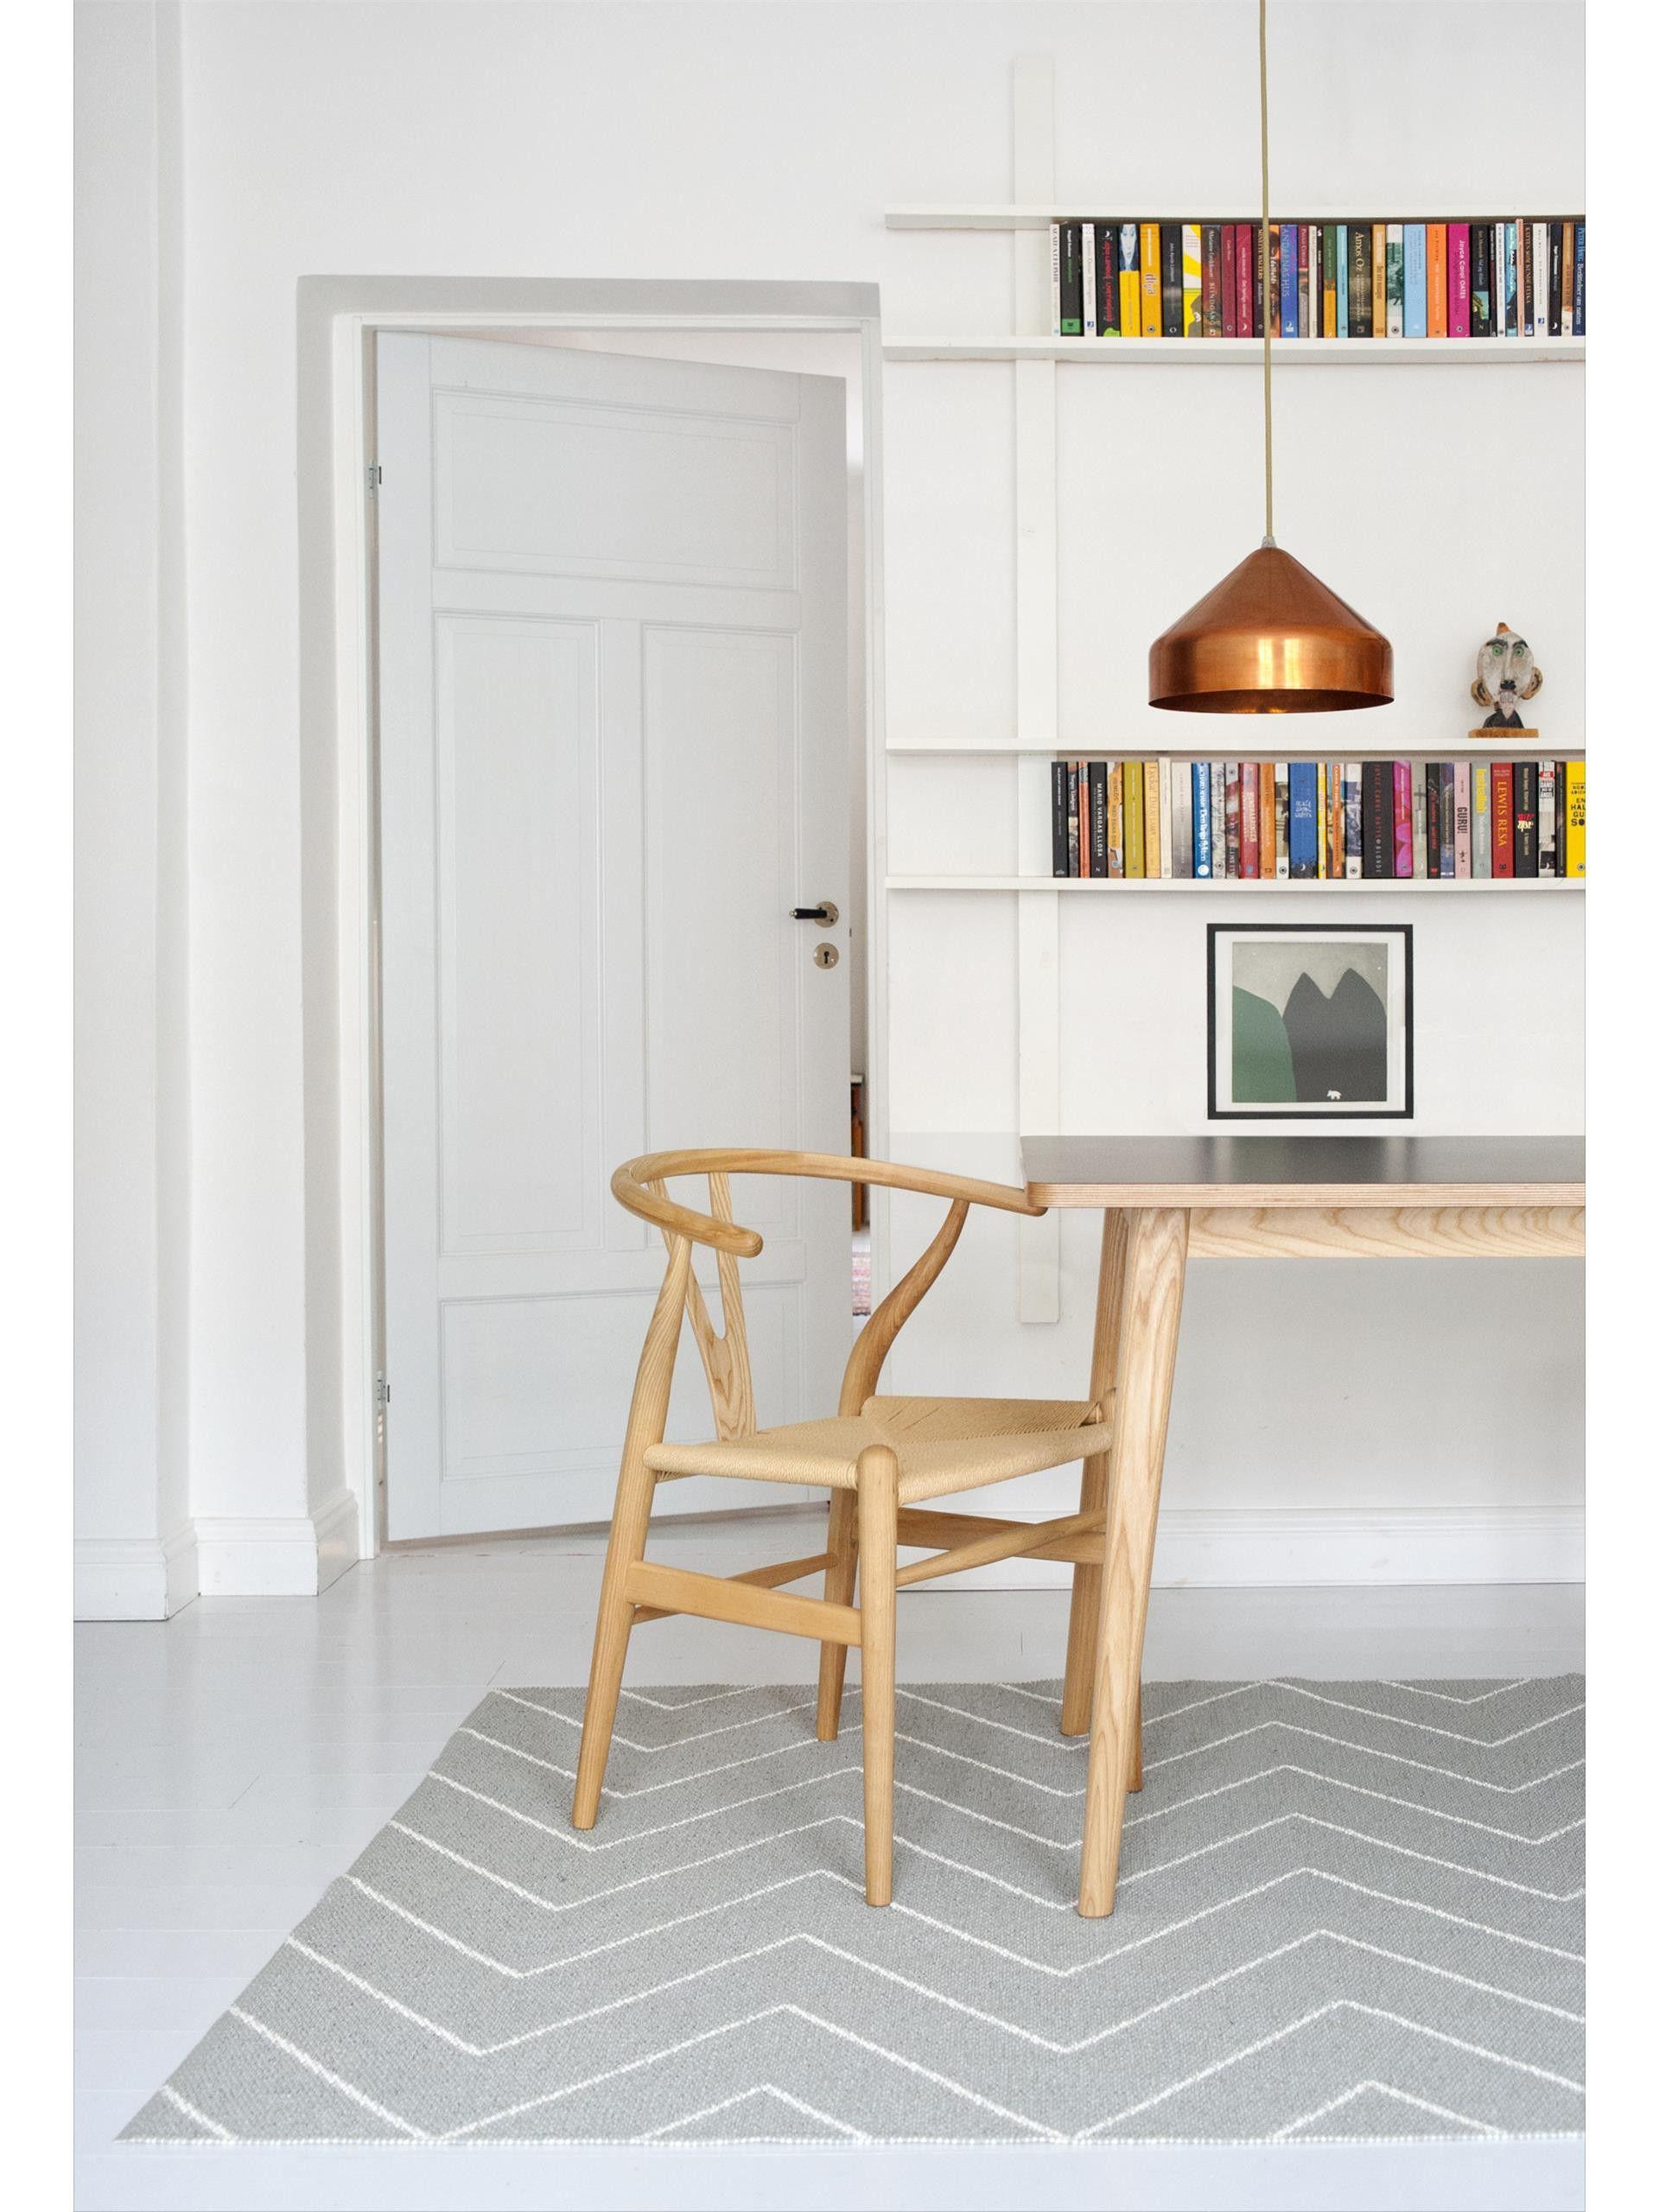 Die brandneuen Kunststoff Teppiche von Brita Sweden werden aus weicher und pflegeleichter Plastikfolie in Schweden hergestellt und sind dadurch besonders widerstandsfähig. Die aktuellen Modelle in topmodernen Farben und Mustern sind perfekt für Küche, Flur und sogar den Außenbereich wie z.B. die Terasse geeignet. #benuta #teppich #küche #interior #rug